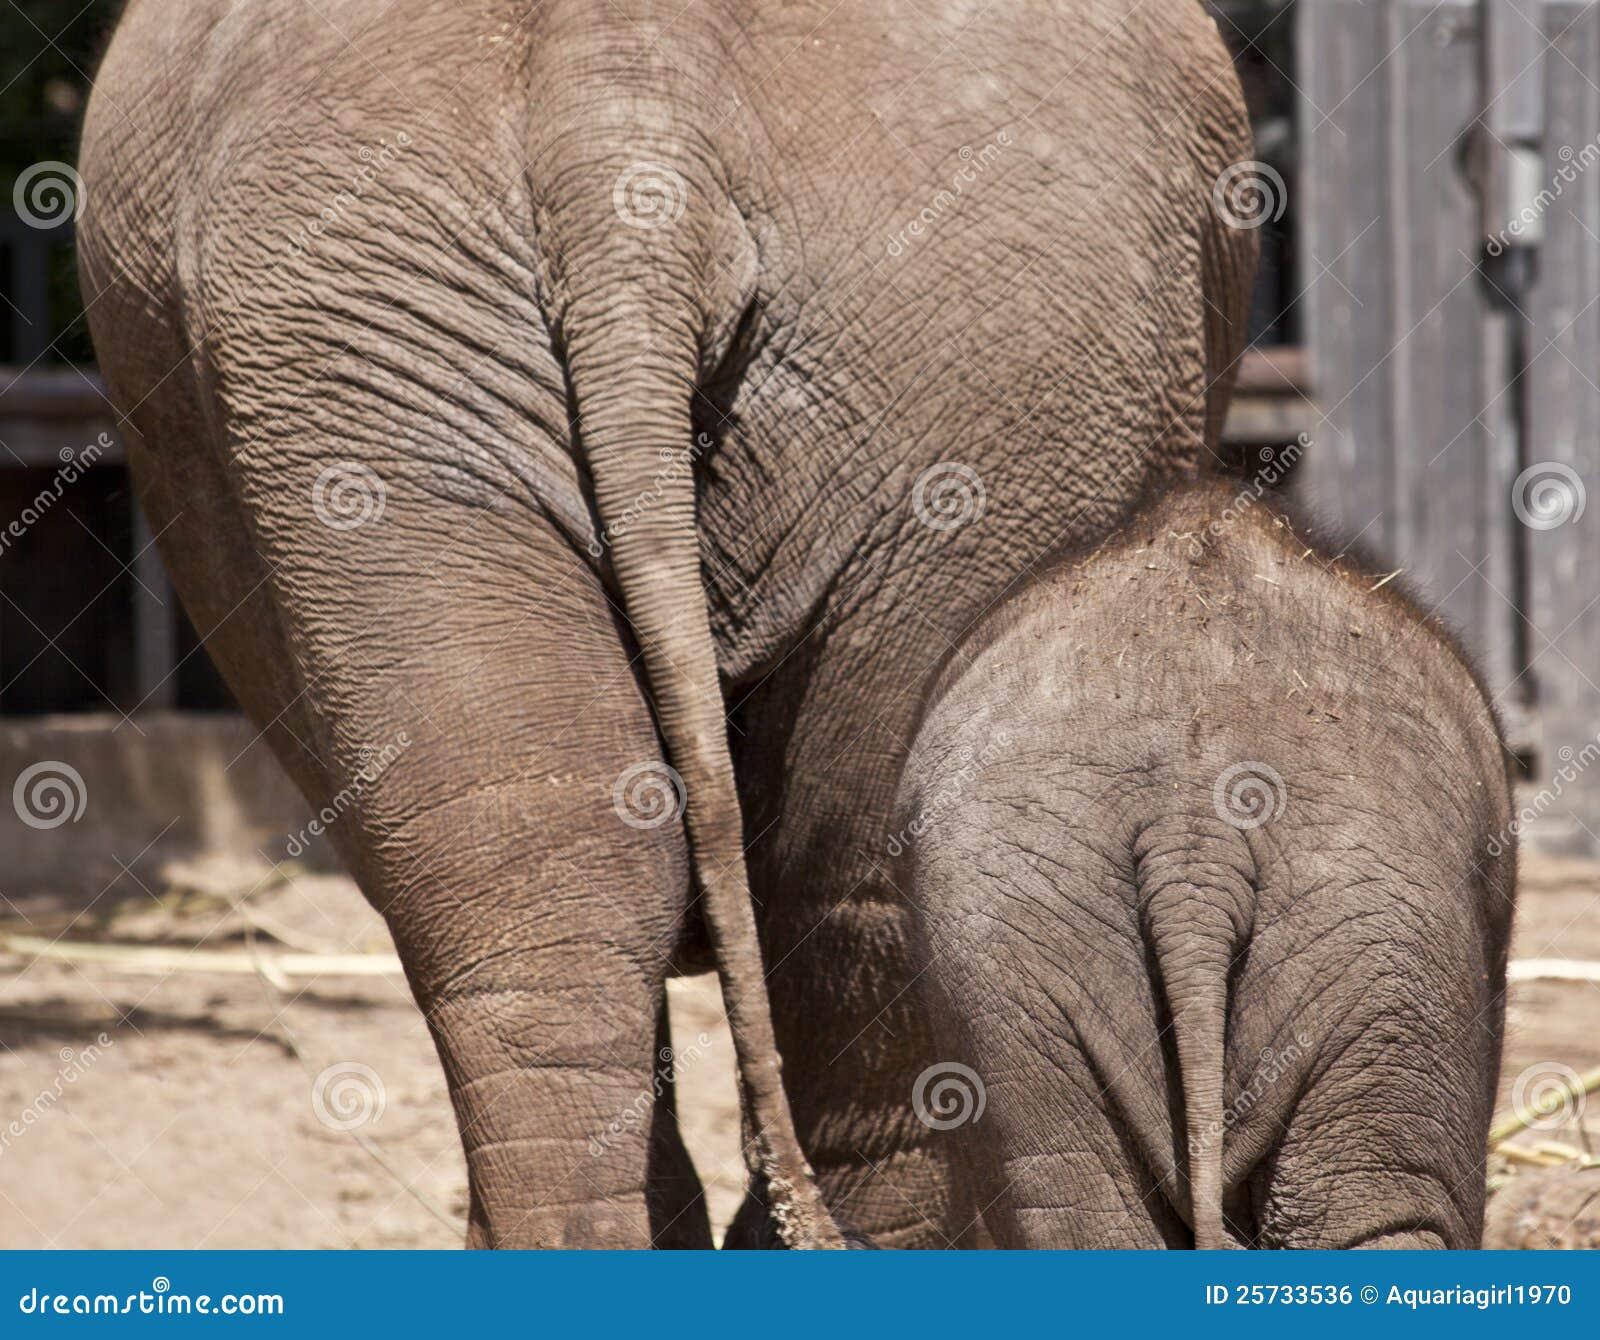 Фото задницы слона 2 фотография